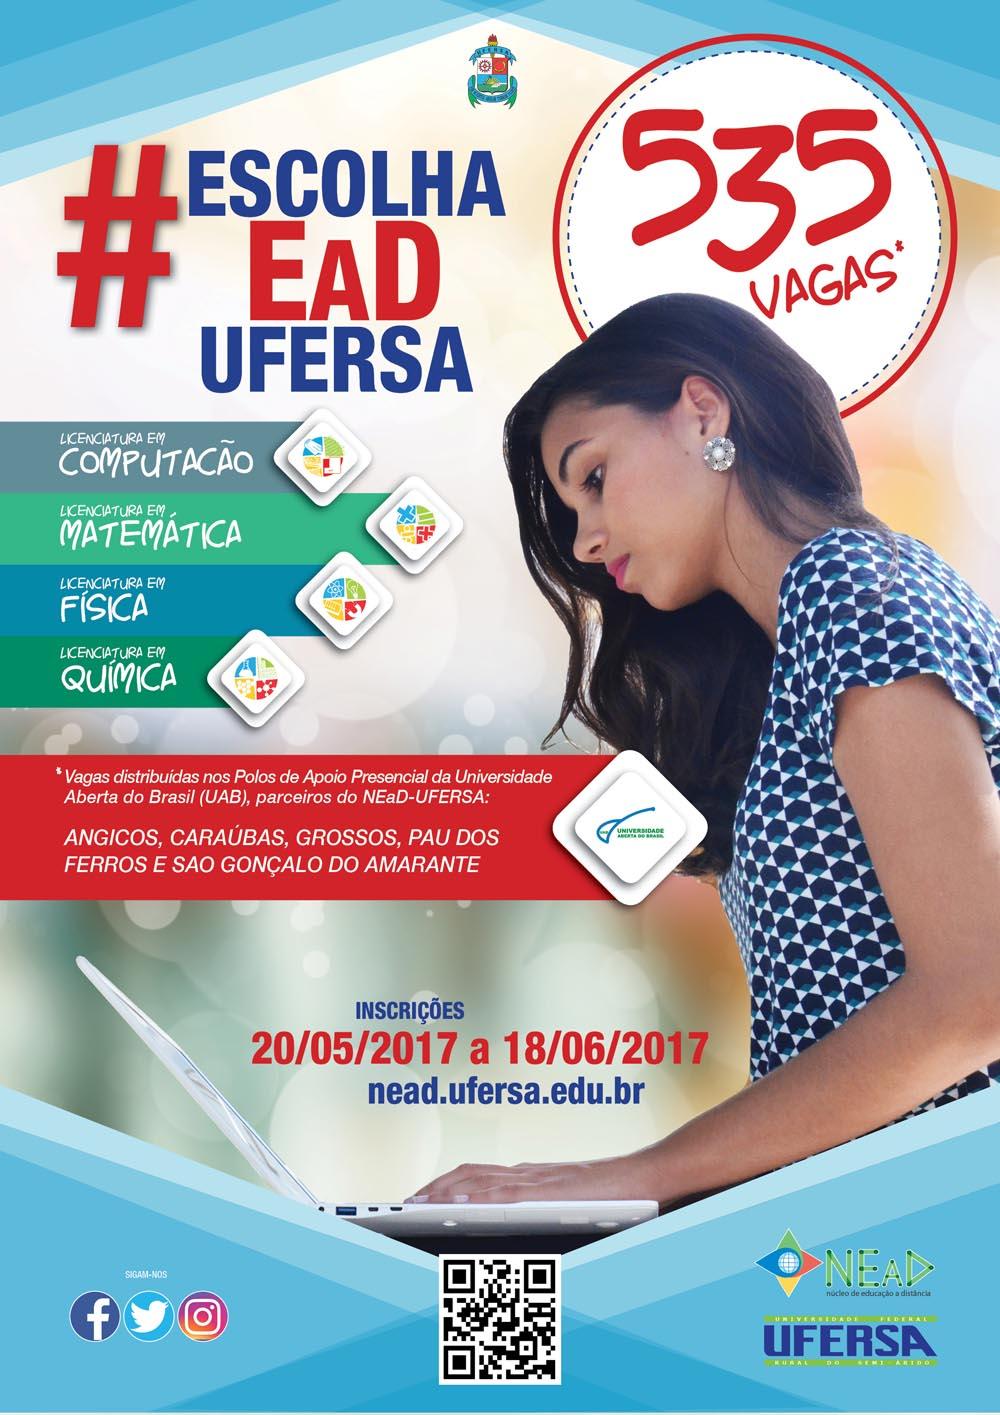 Polo Universitário de São Gonçalo realizará processo seletivo para nova turma de Licenciatura em Computação